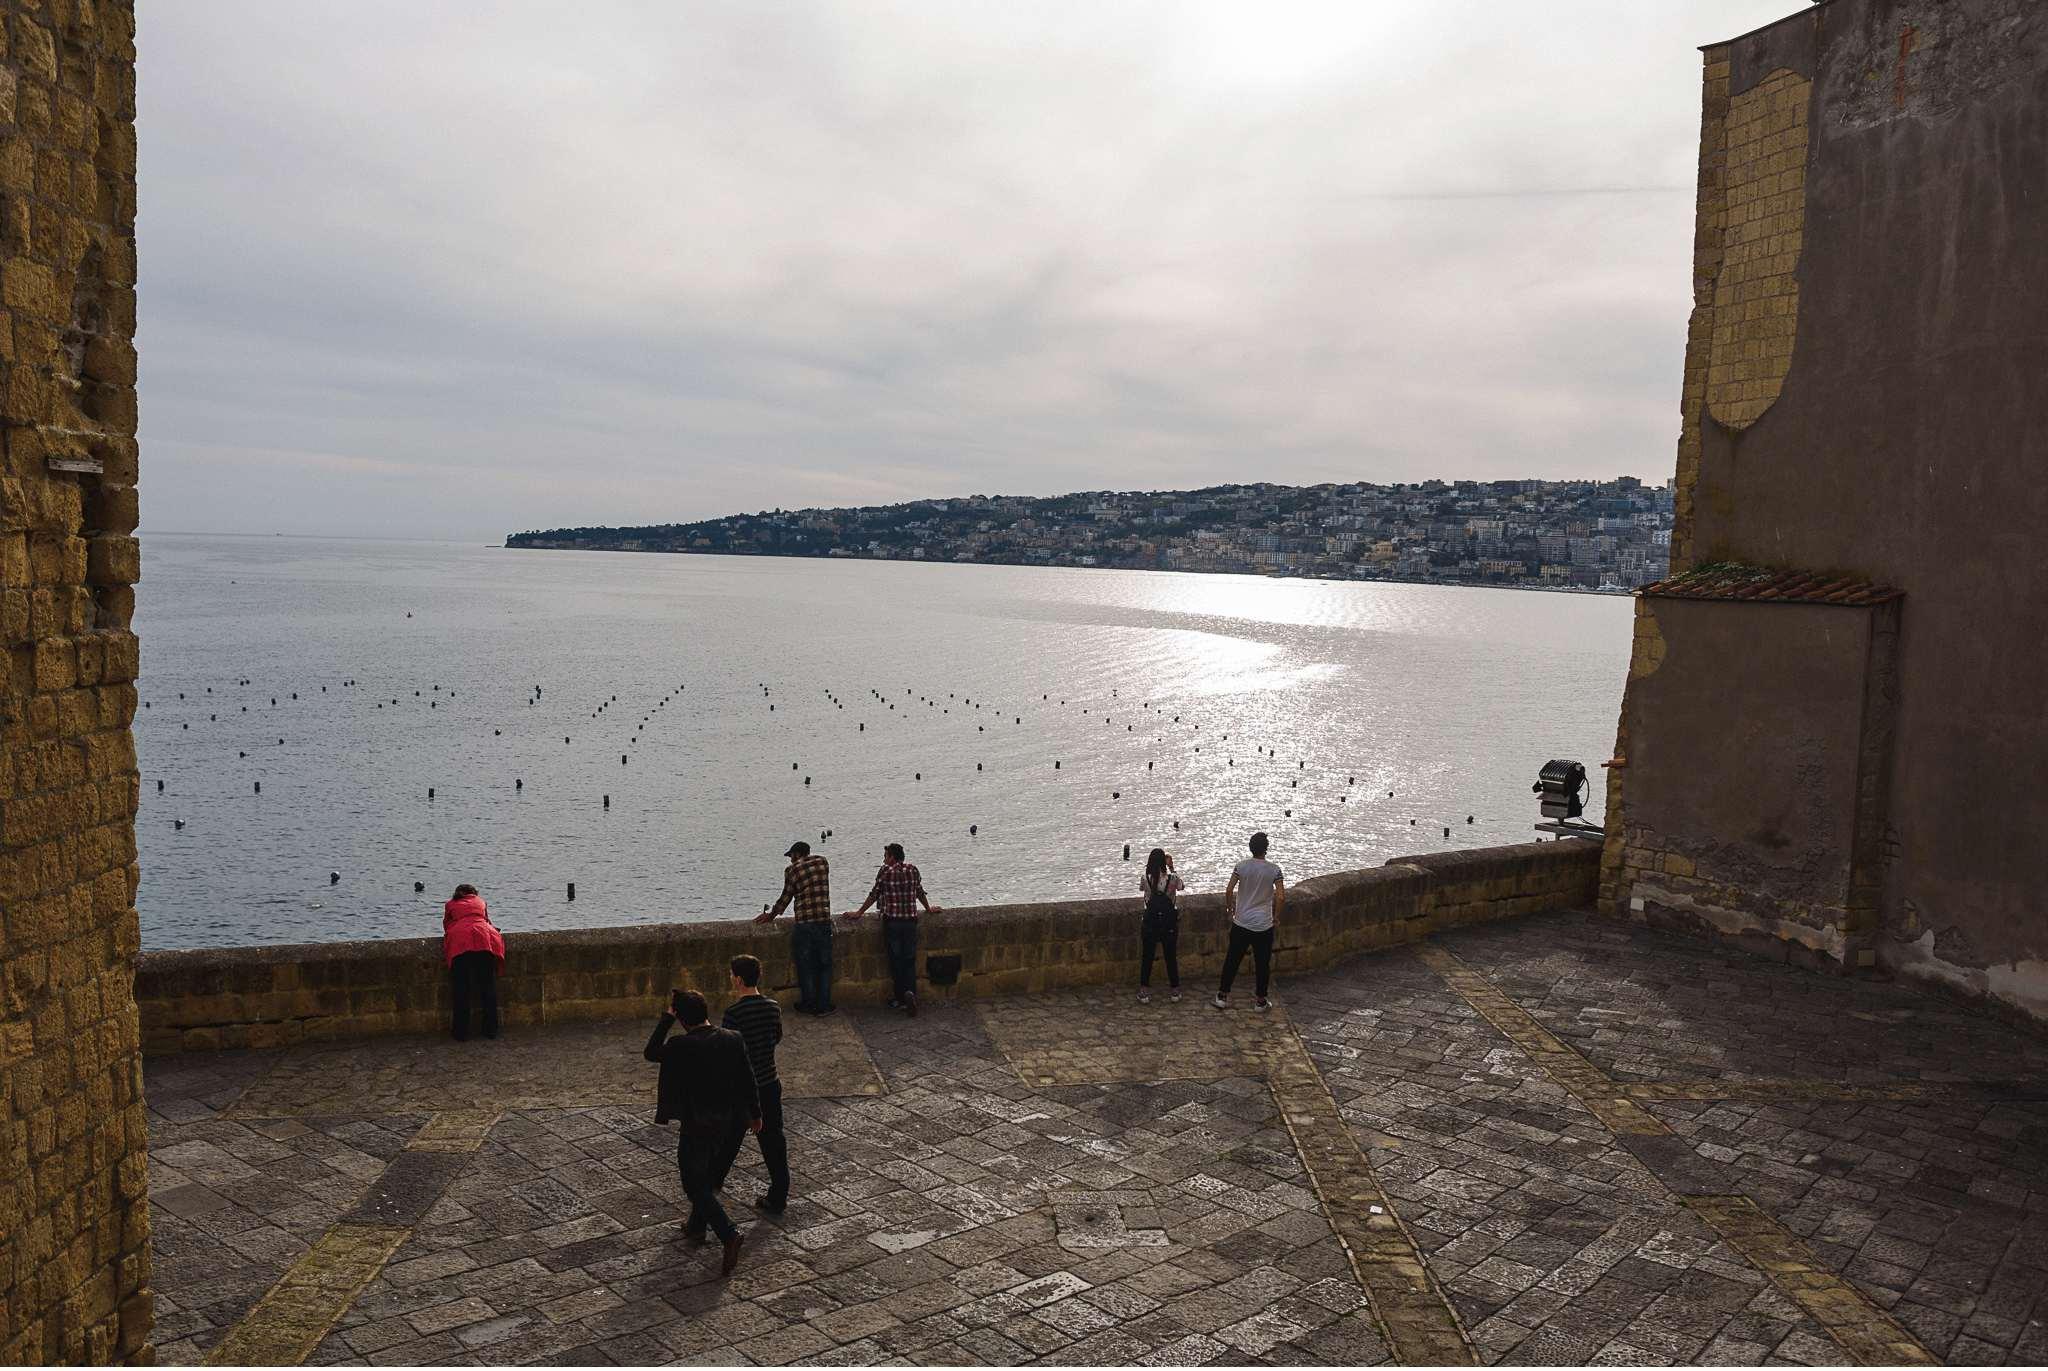 Interrail Reise - Italien Neapel - Geschichten von unterwegs - Foto Daniel Kempf-Seifried-52